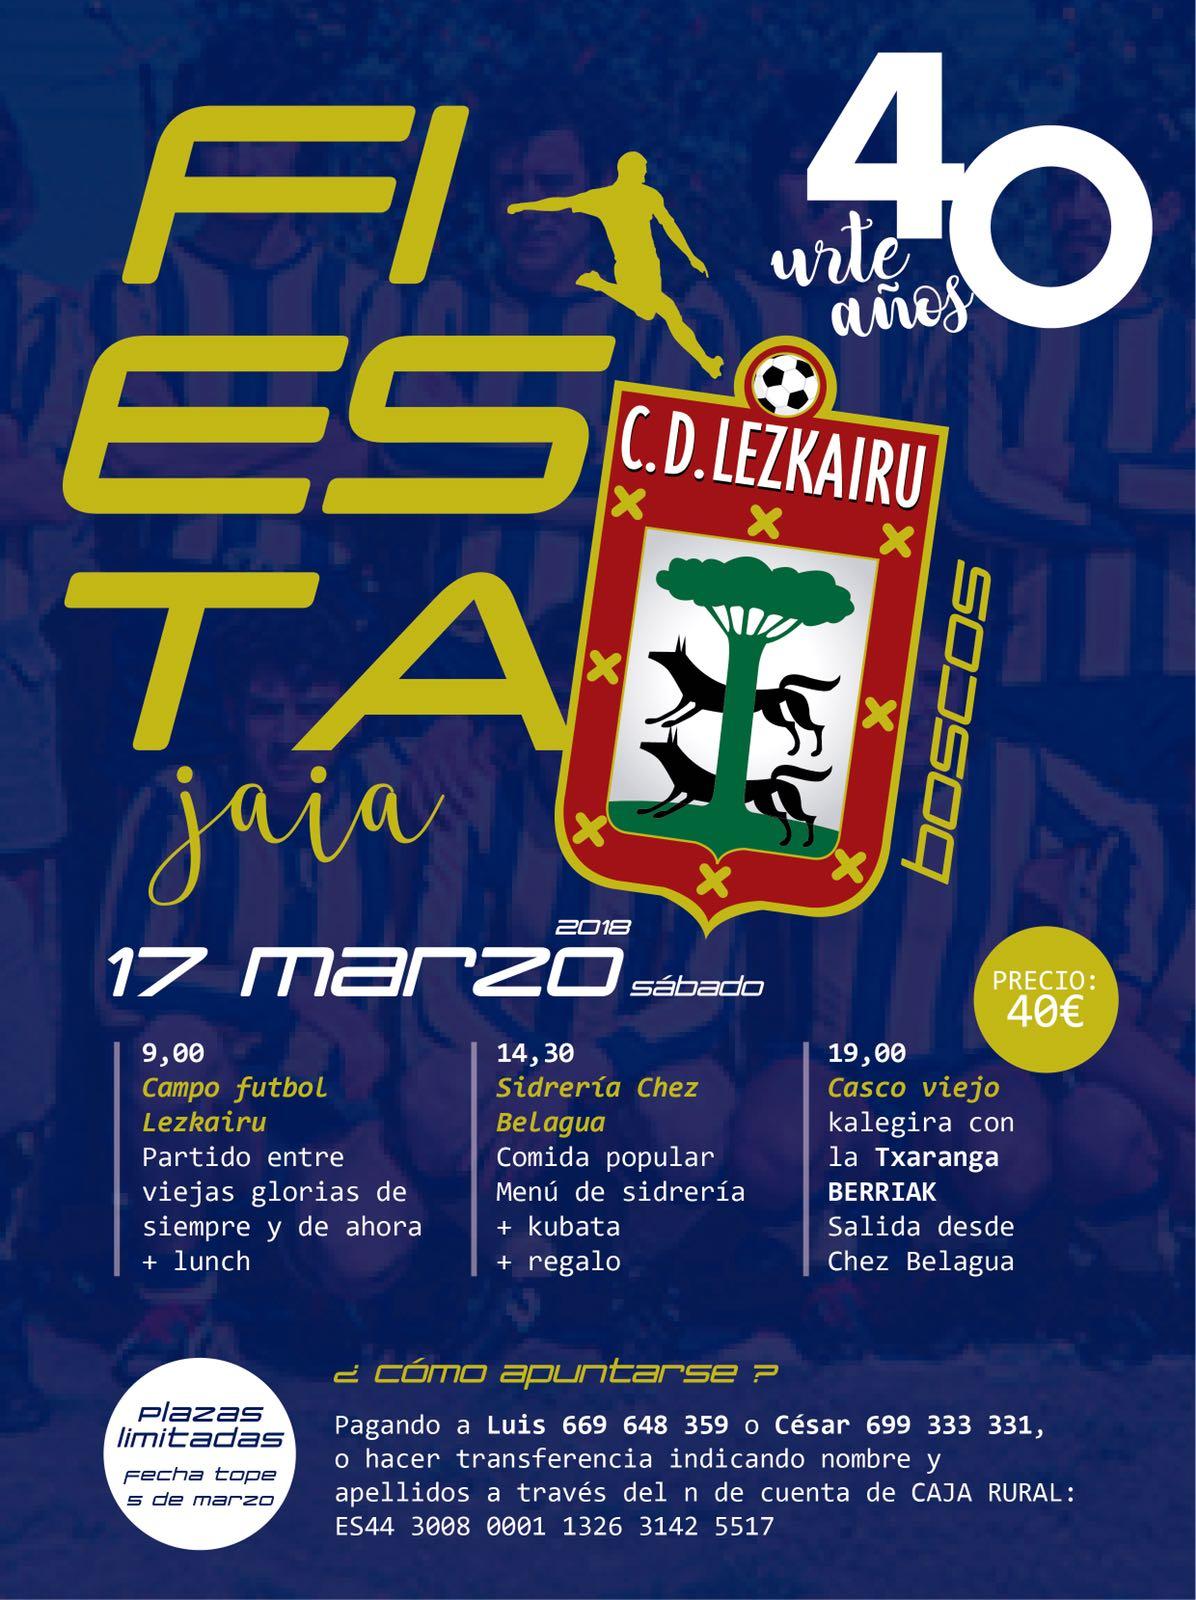 Desde La Banda - Fútbol Navarro (DLB-FN) | 40º Aniversario del Club Deportivo Lezkairu del torfeo Boscos